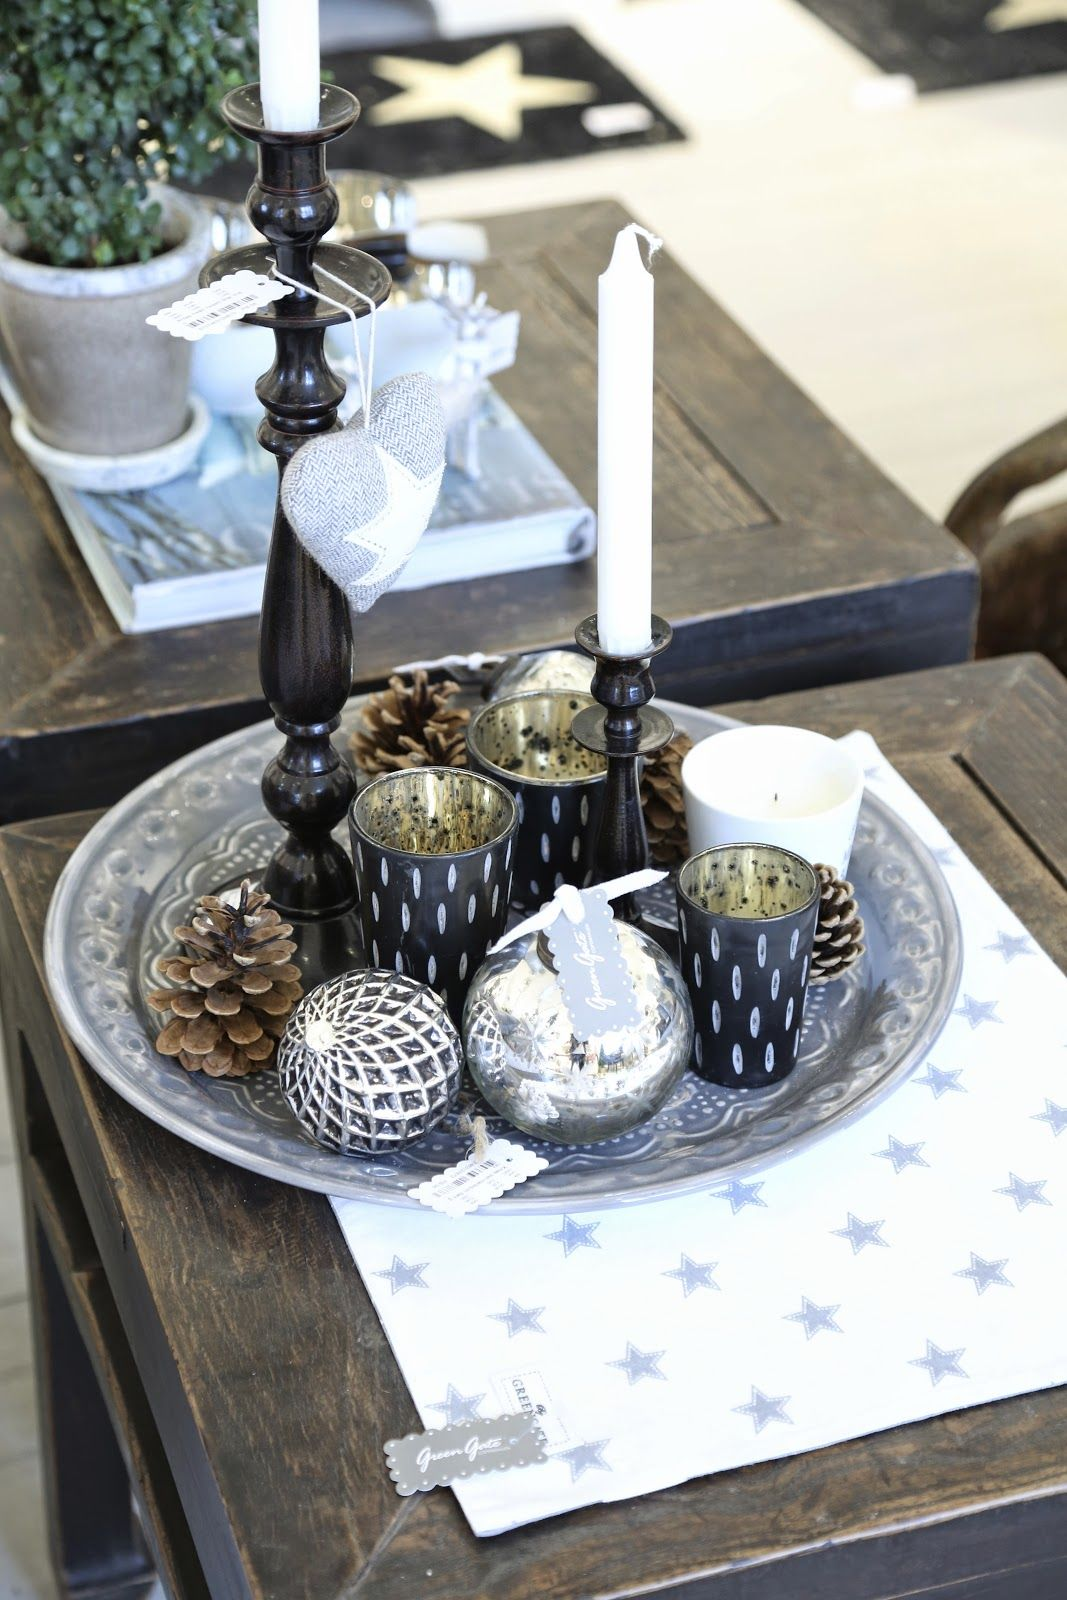 pin von kathy auf greengate | pinterest | deko, dekoration und ... - Wohnzimmertisch Deko